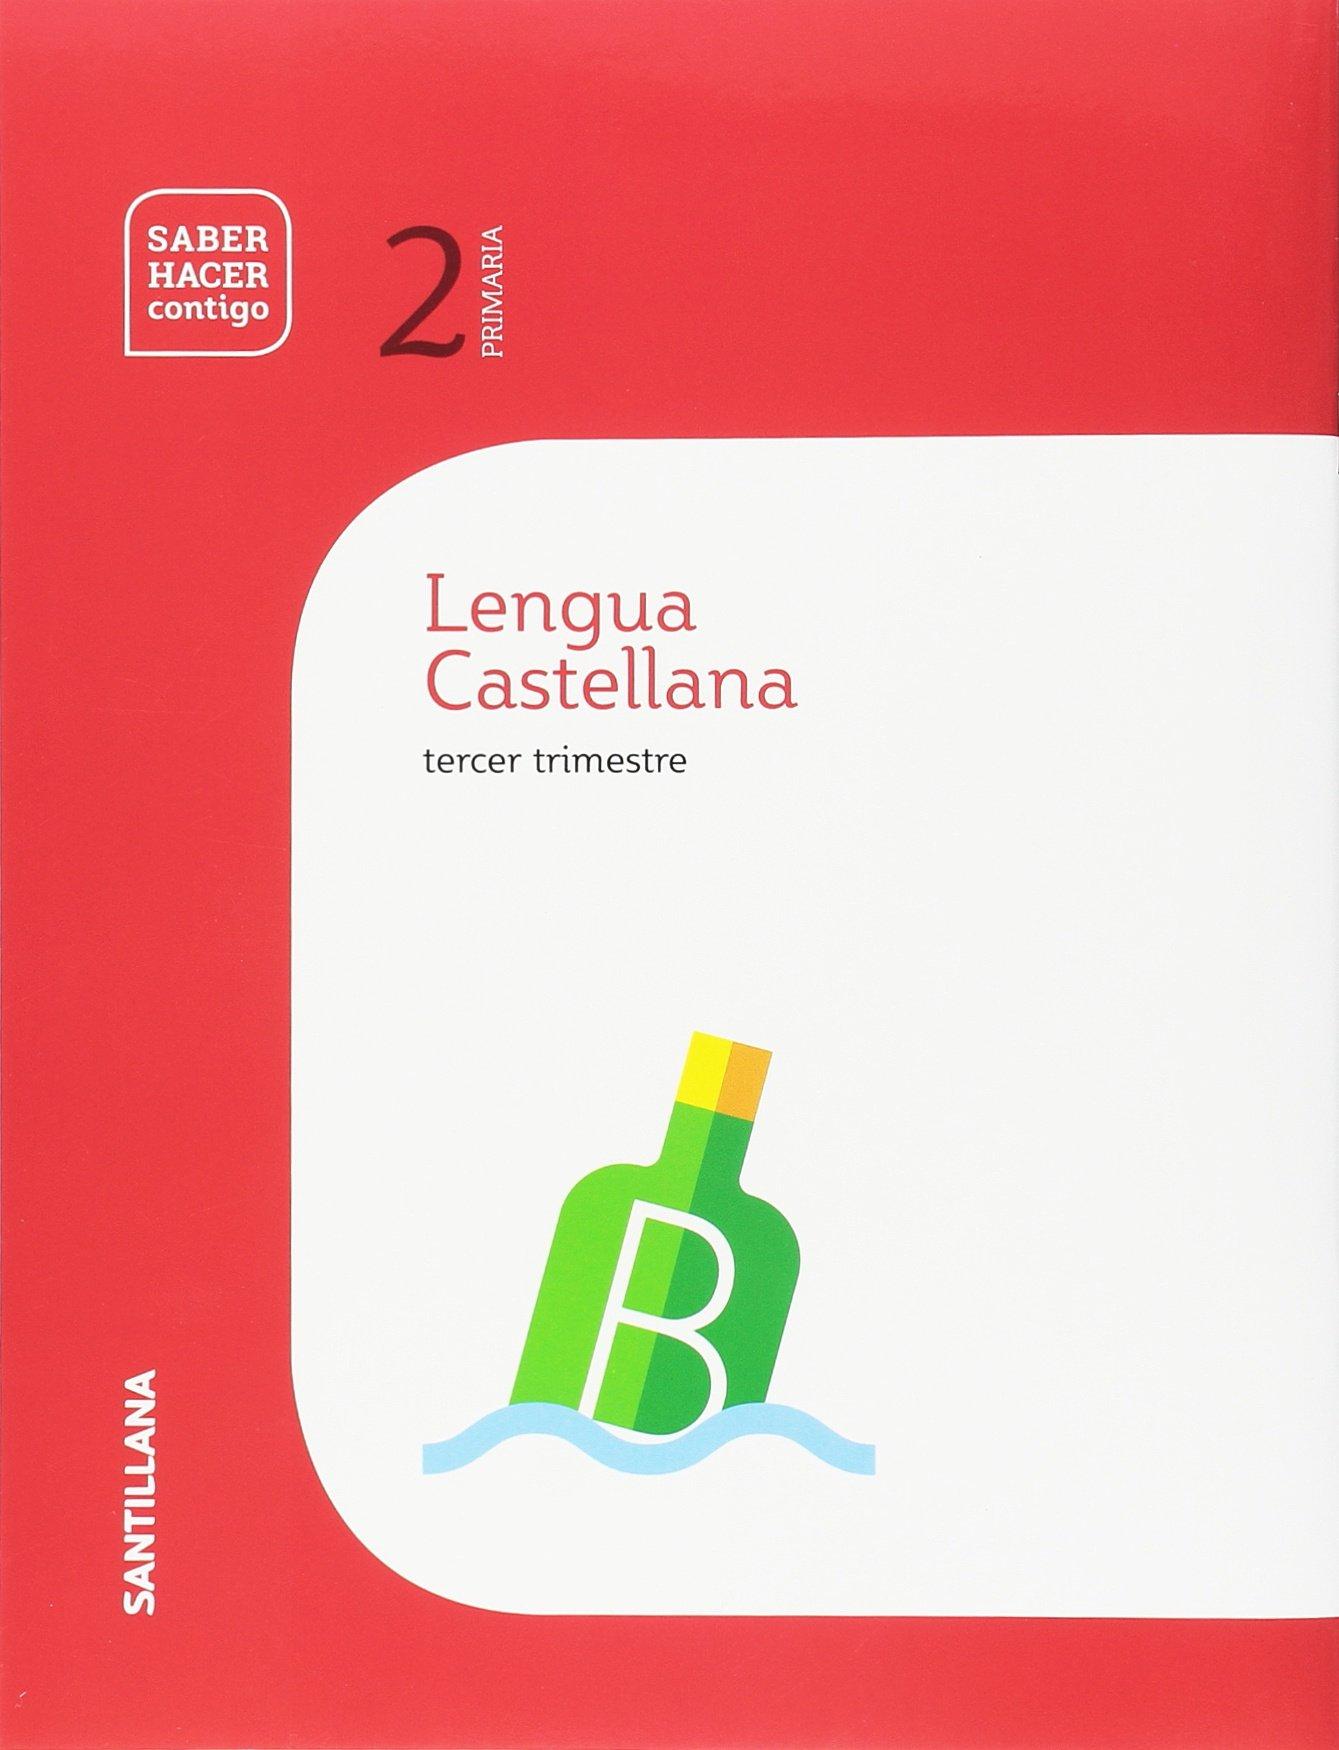 CUADERNO LENGUA PAUTA 2 PRIMARIA 3 TRIM SABER HACER CONTIGO: Amazon.es:  AA.VV: Libros